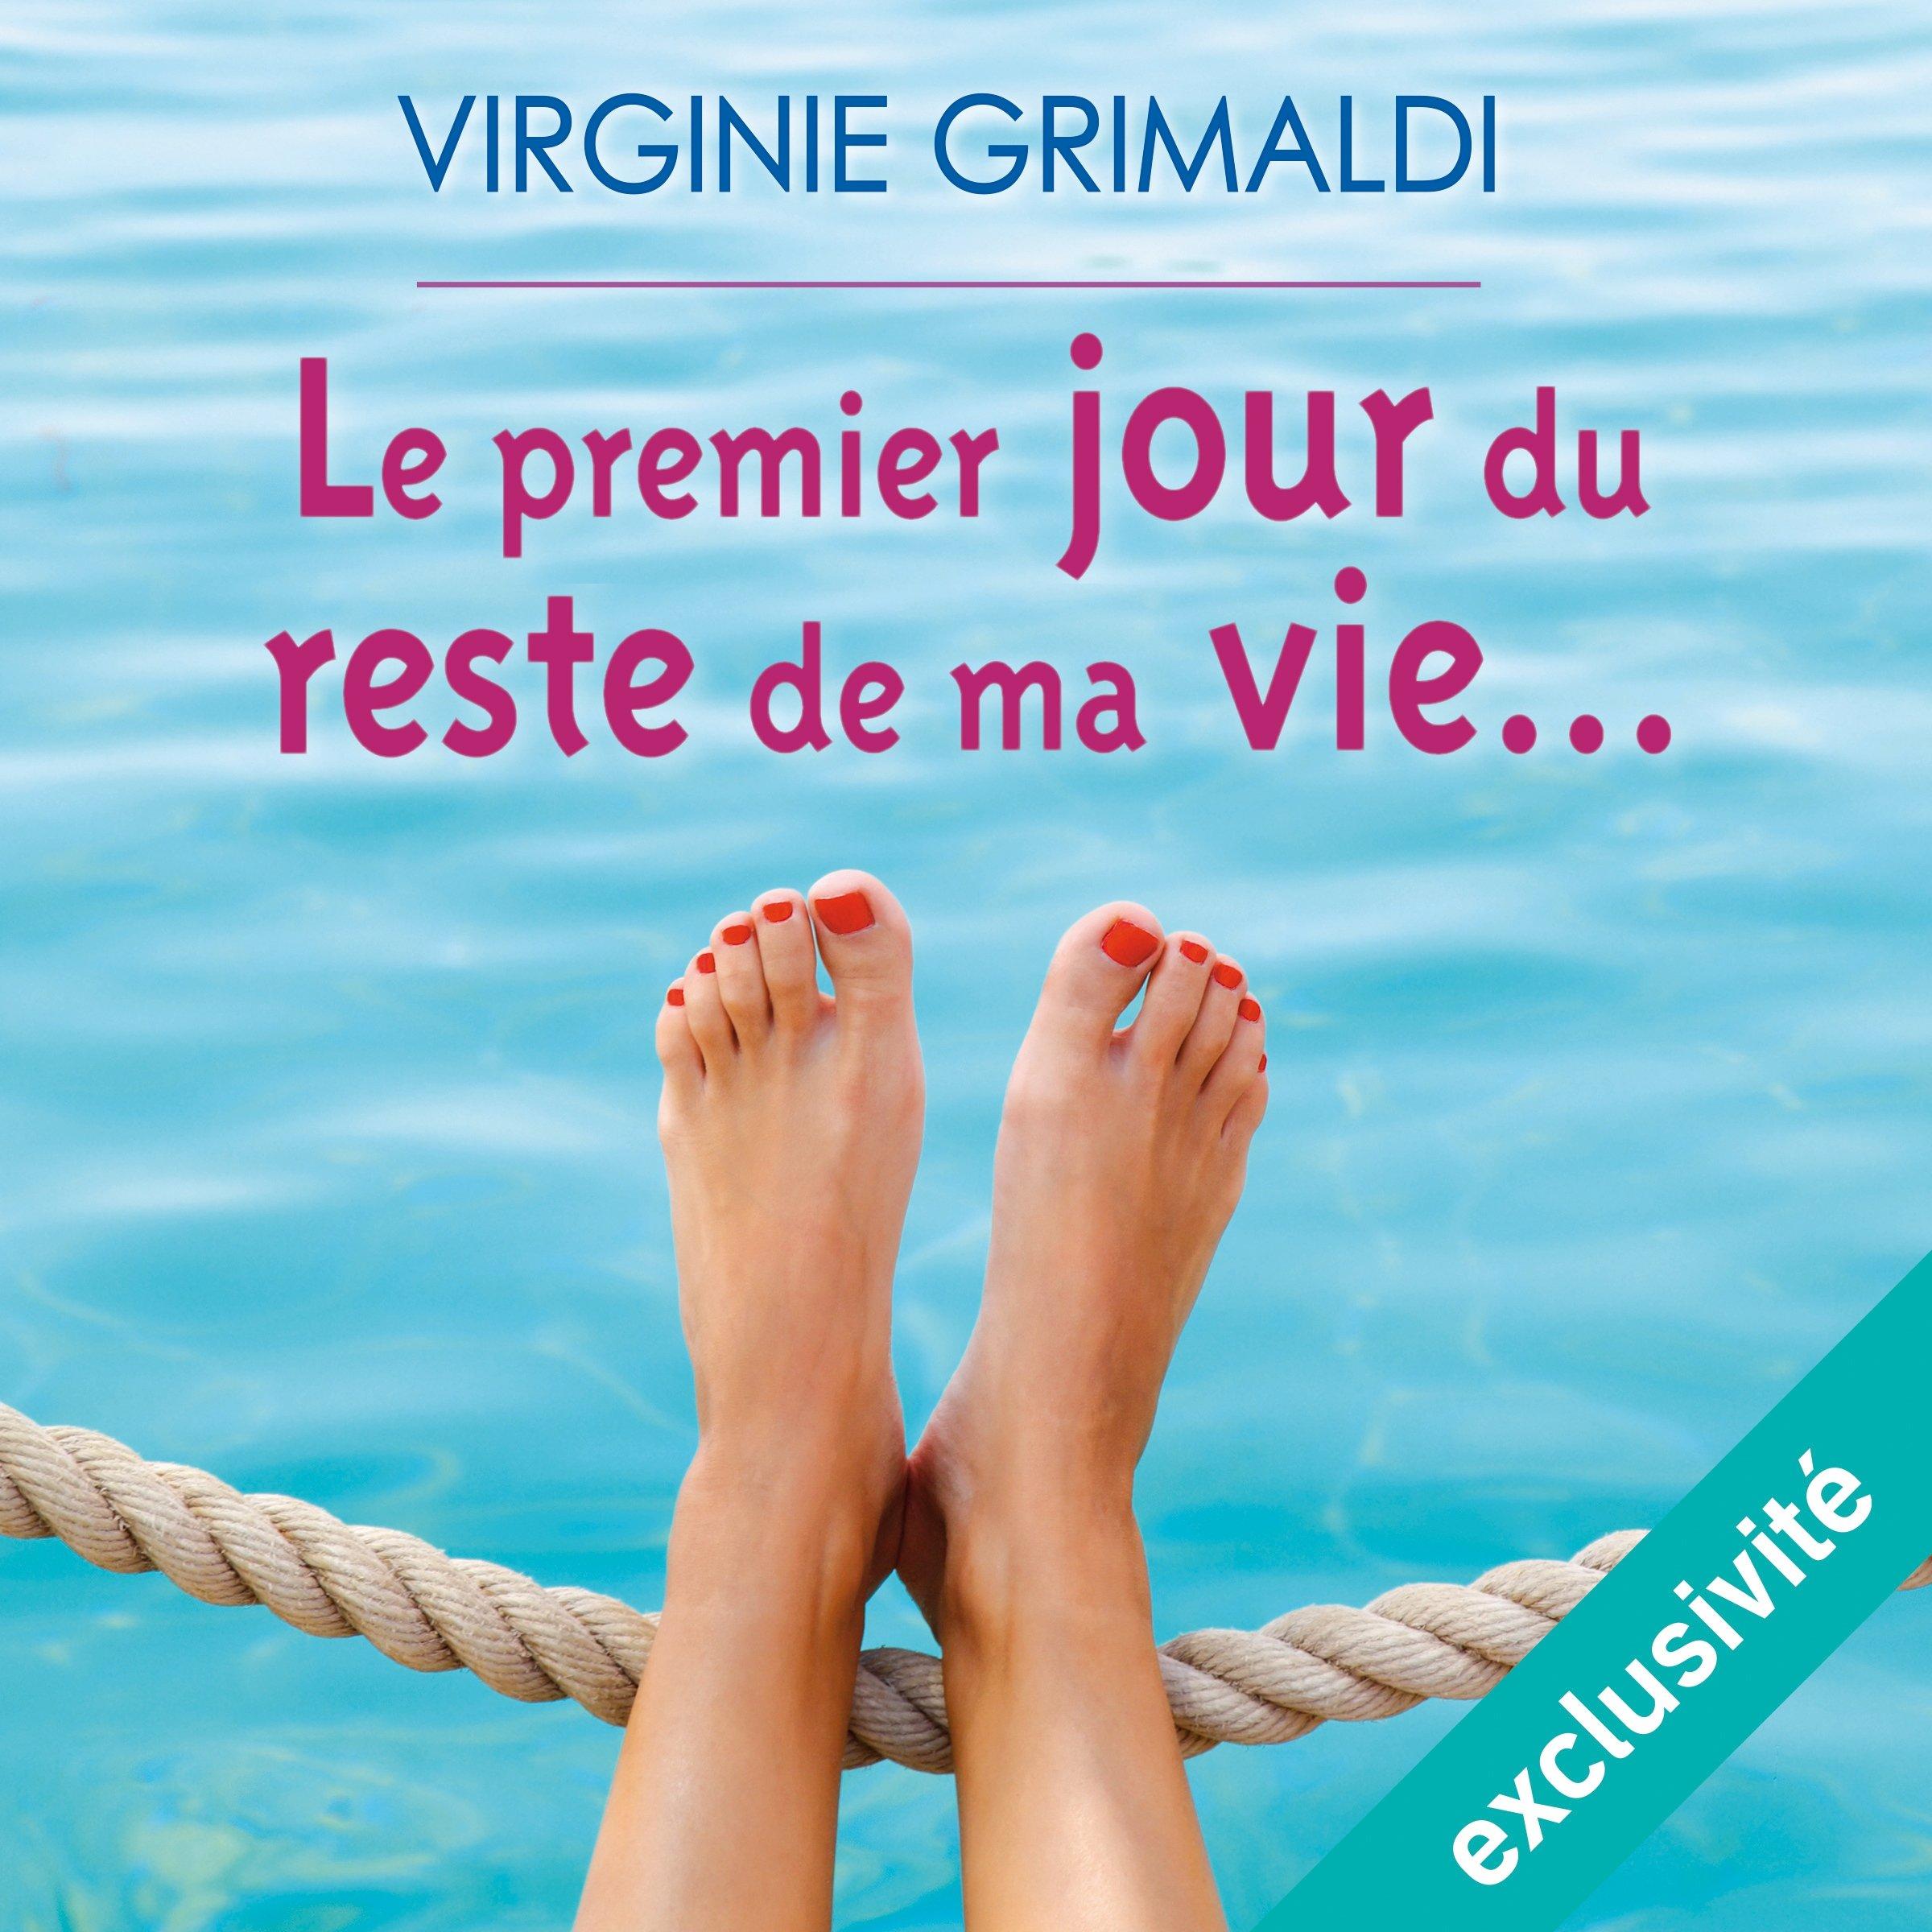 Le premier jour du reste de ma vie, de Virginie Grimaldi (